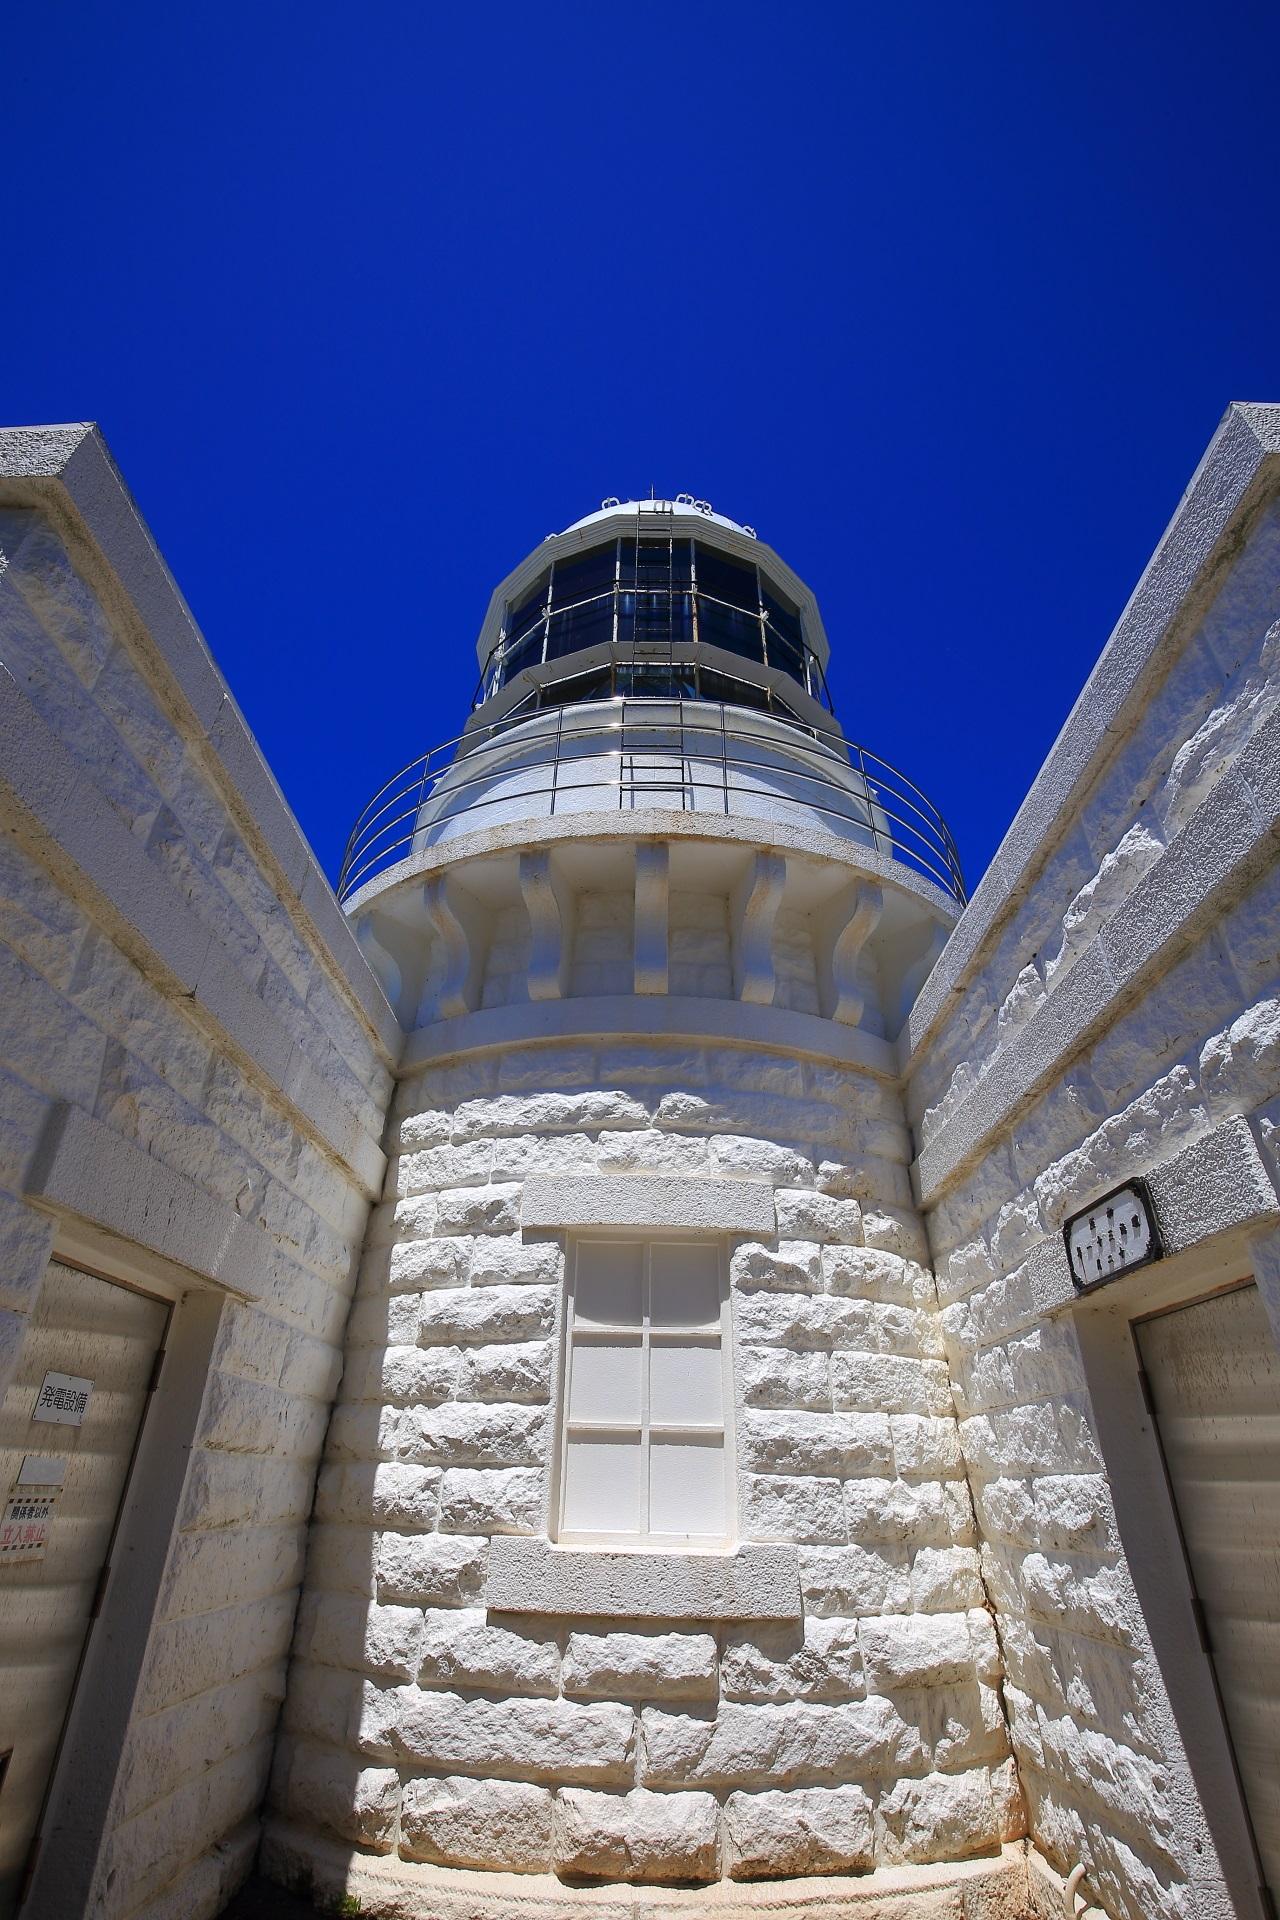 青空に映える京丹後の見事な白い経ヶ岬灯台